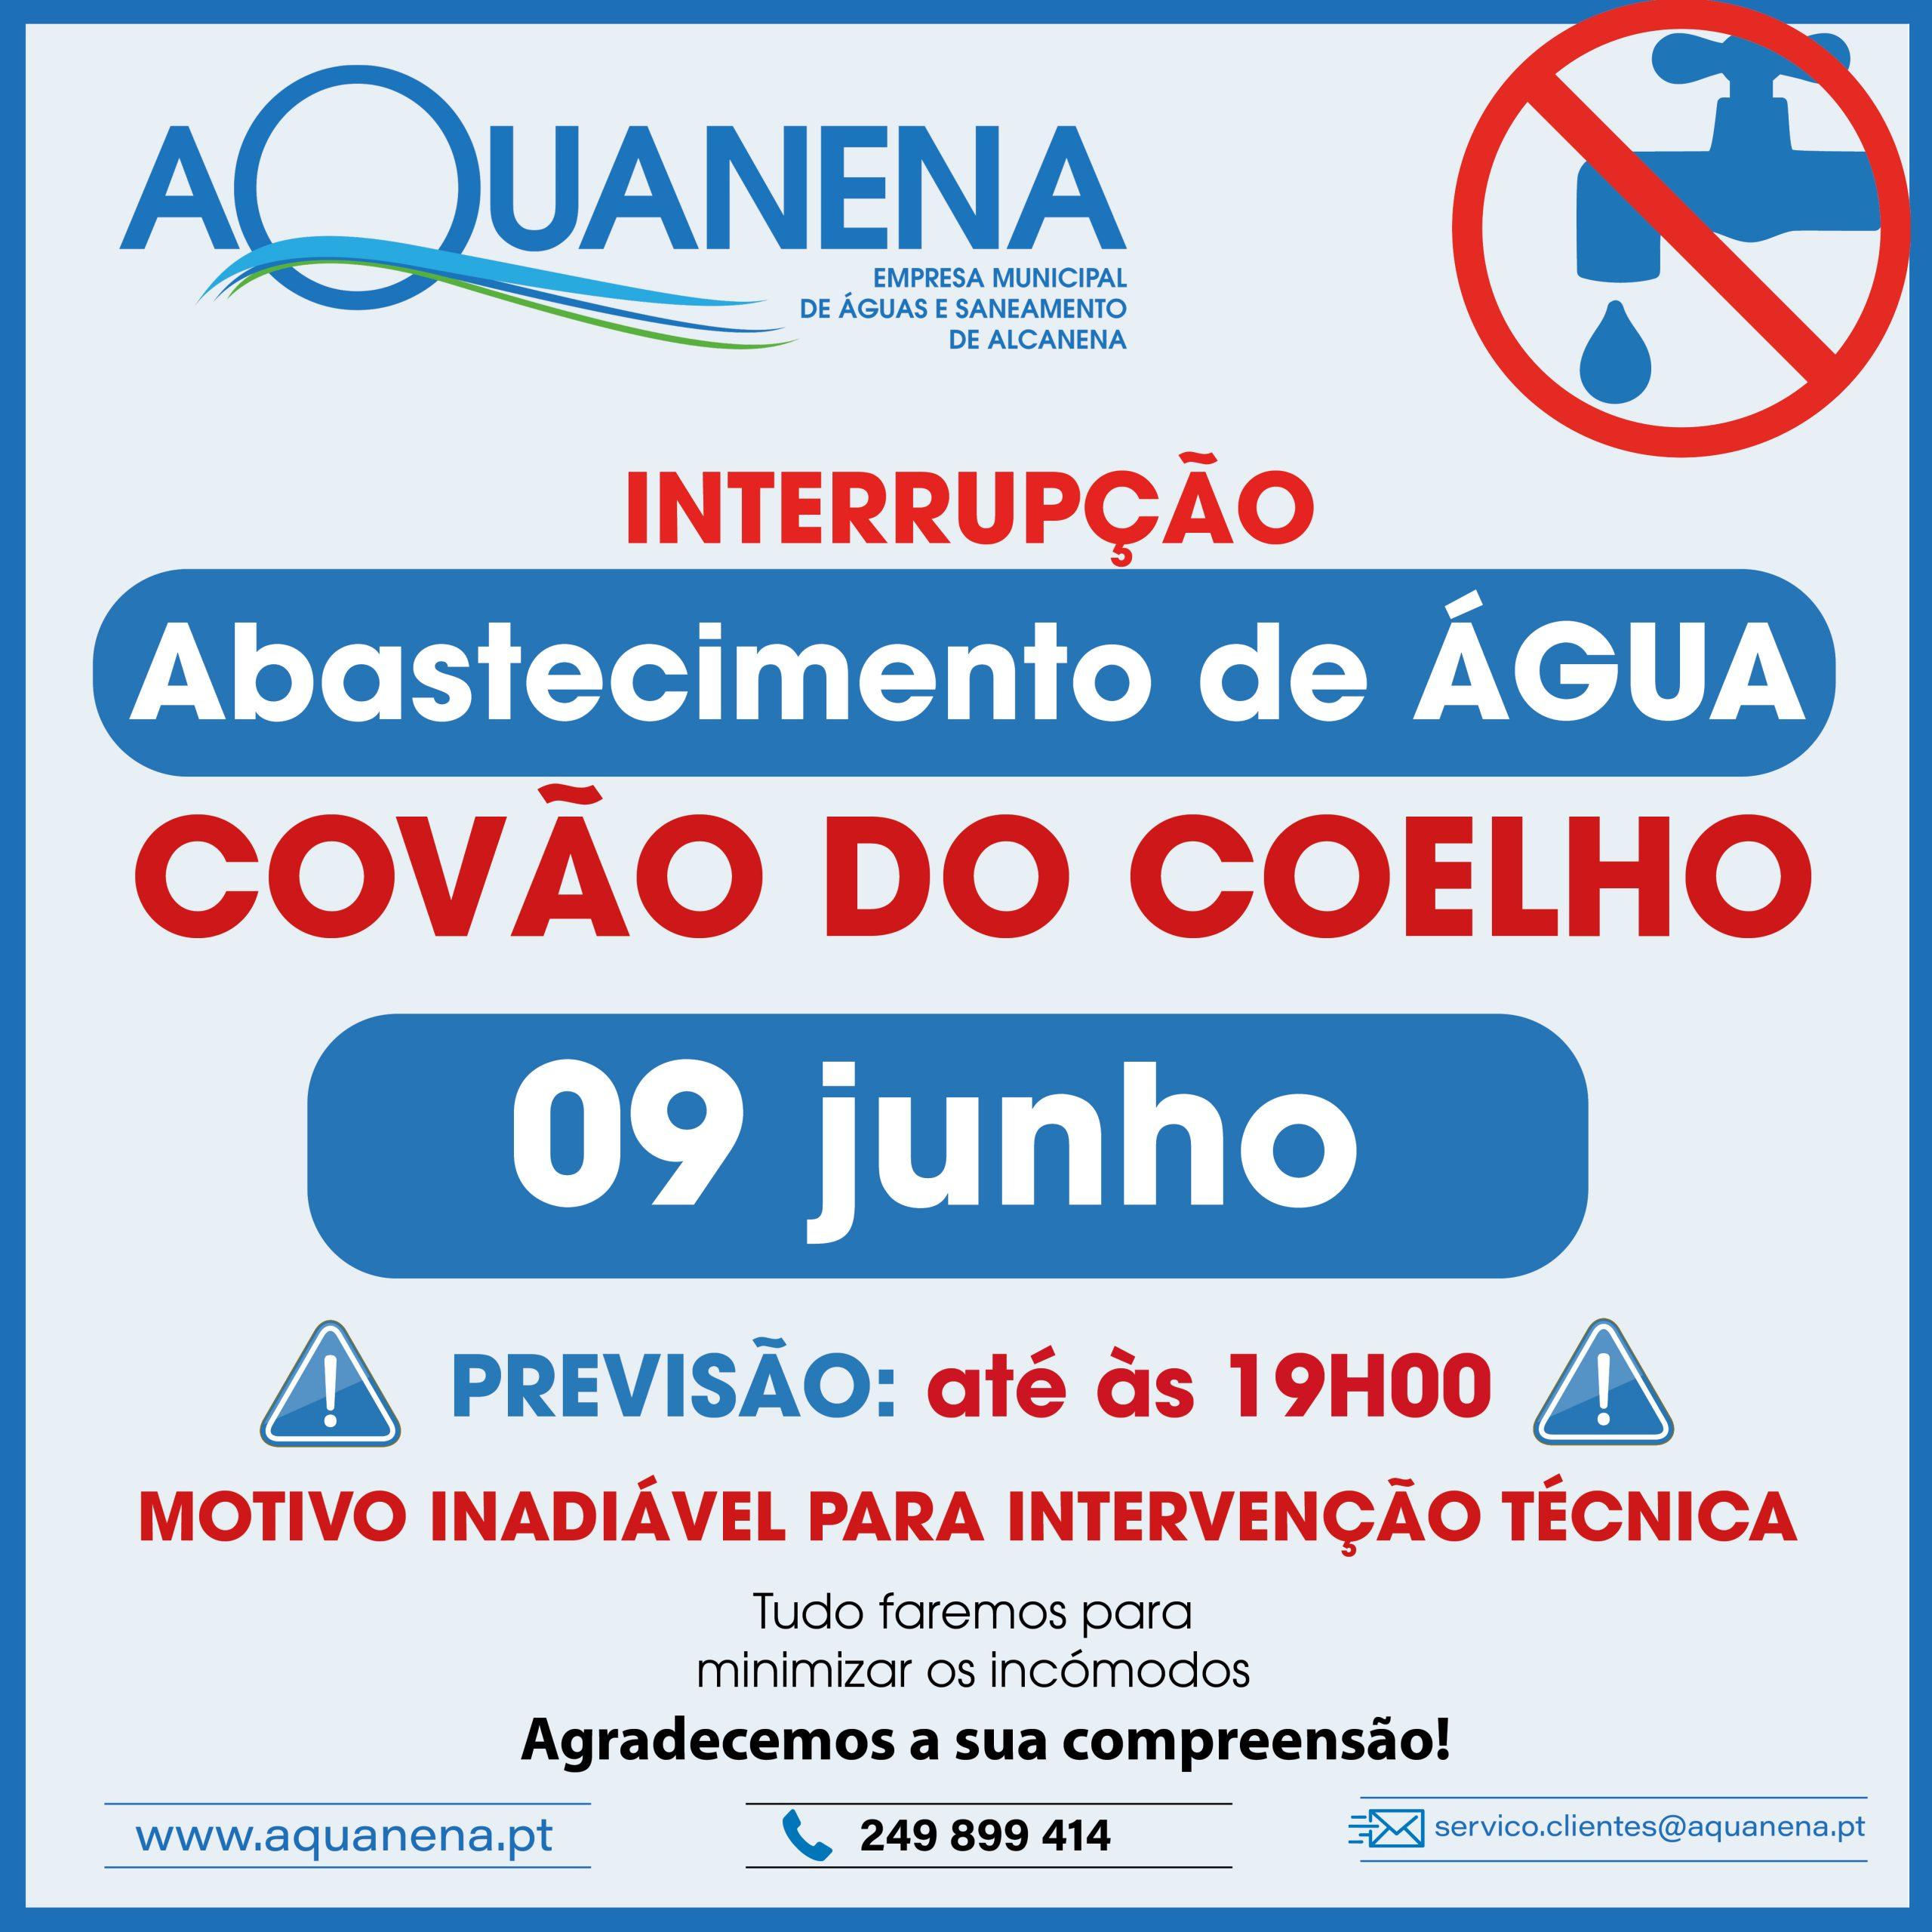 INTERRUPÇÃO de abastecimento de água em COVÃO DO COELHO